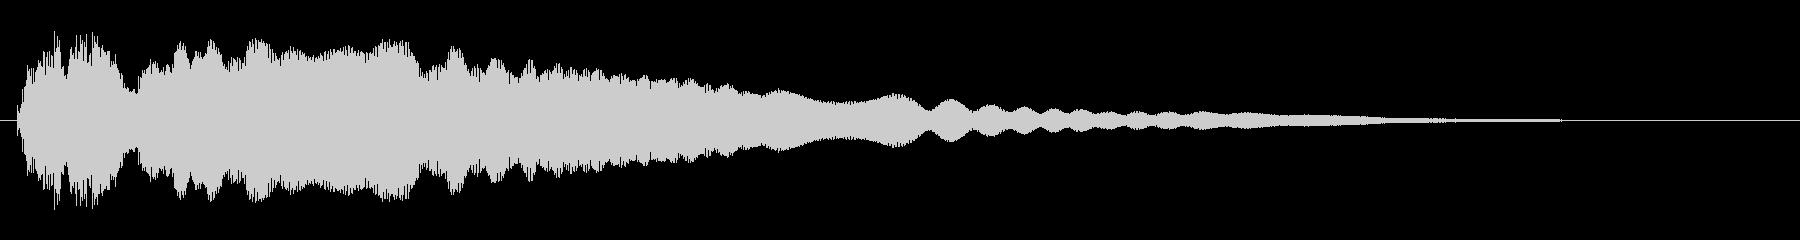 シュピーン(金属的な音)の未再生の波形